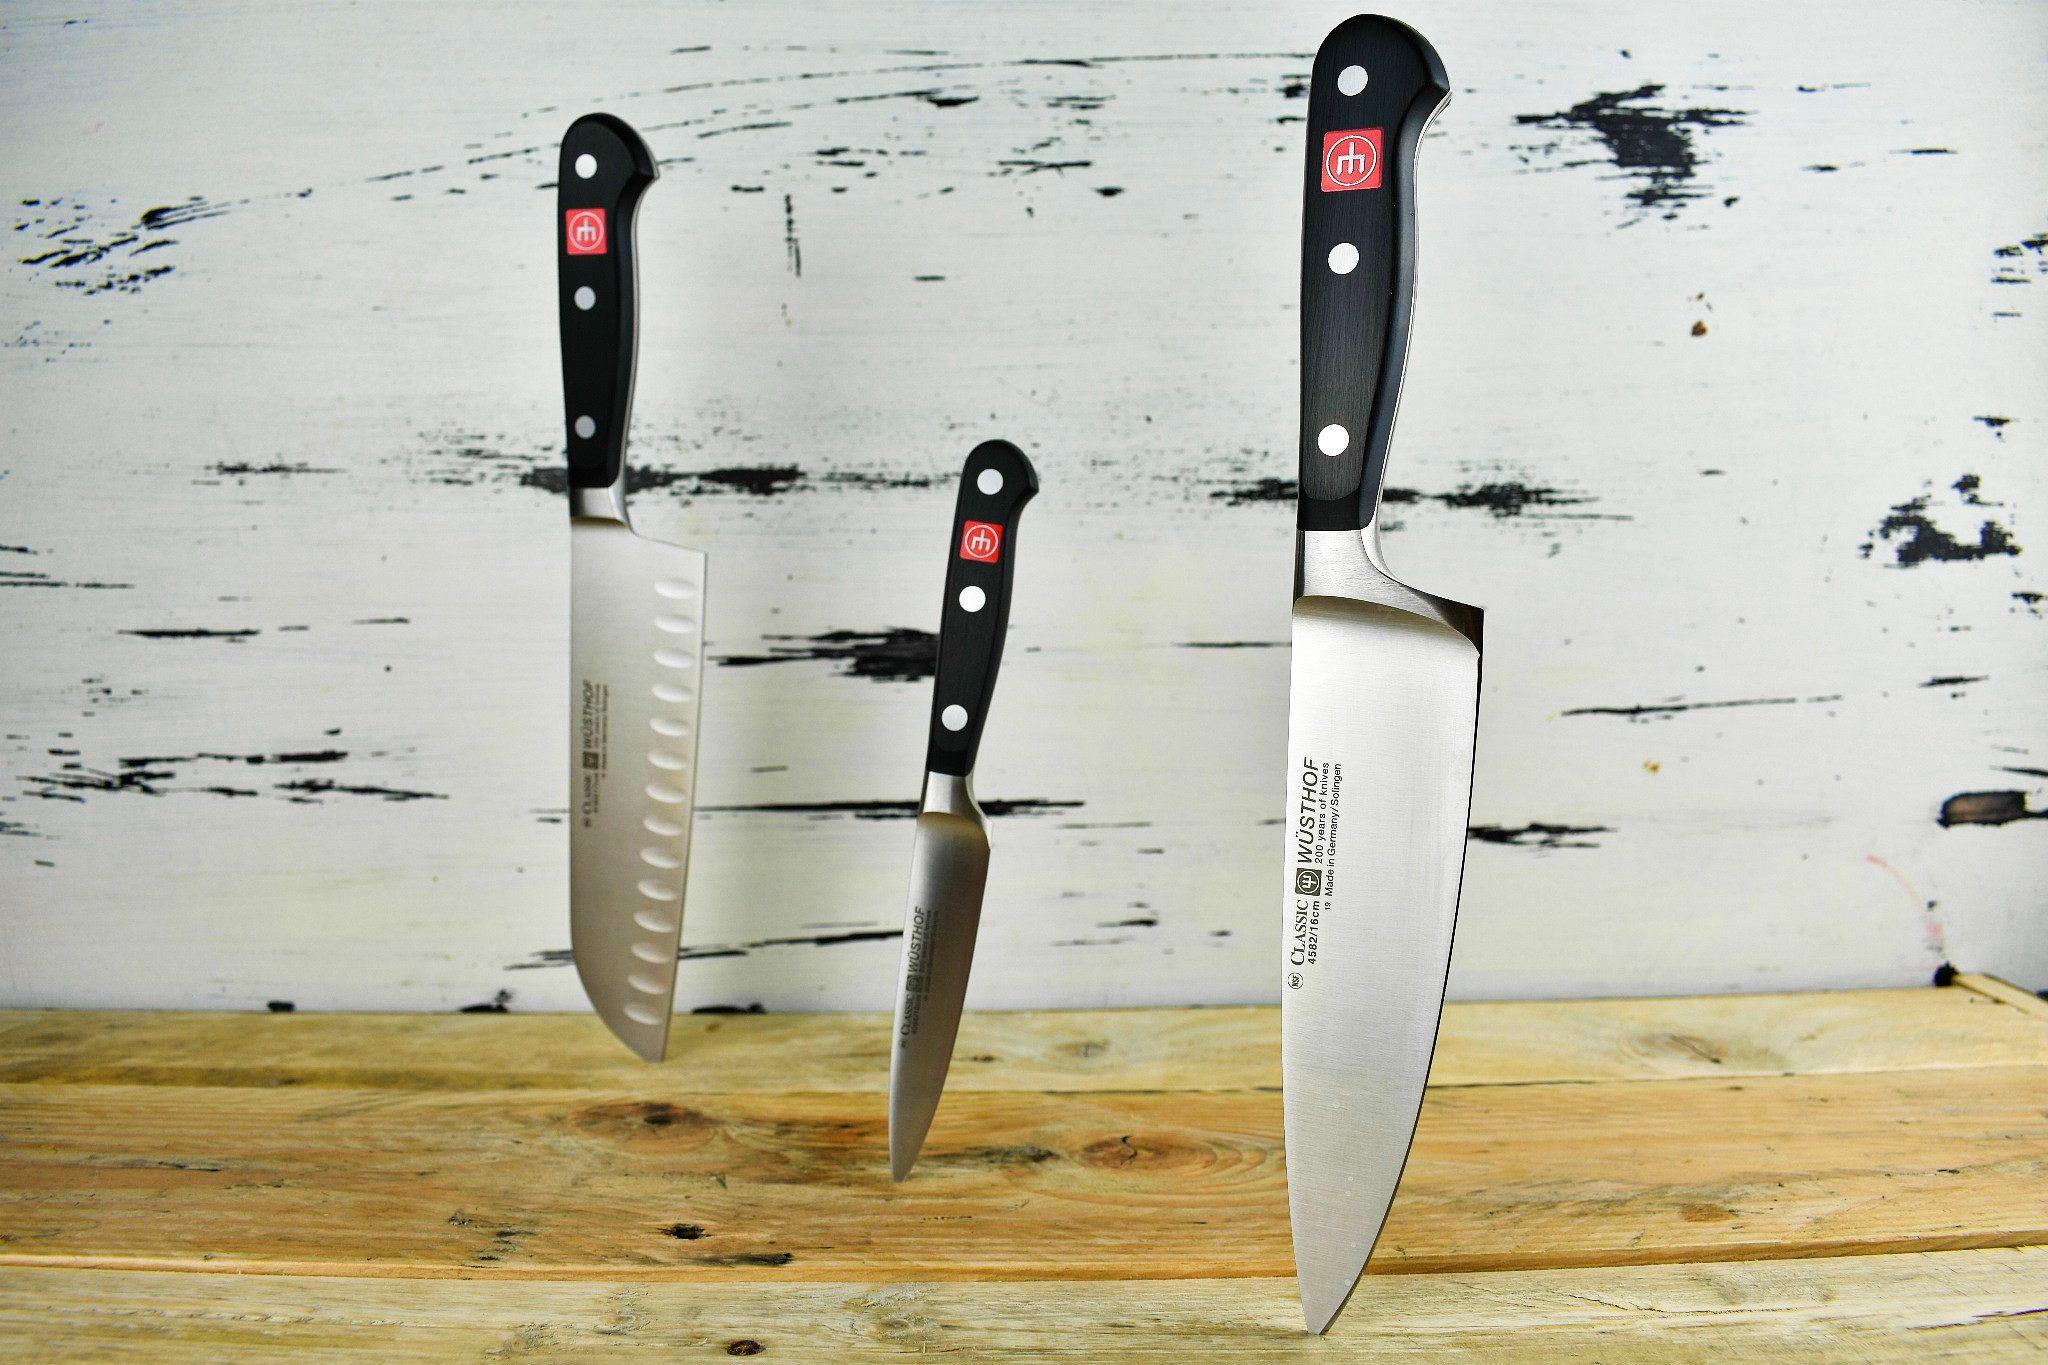 Wusthof-knives-2-SunCakeMom